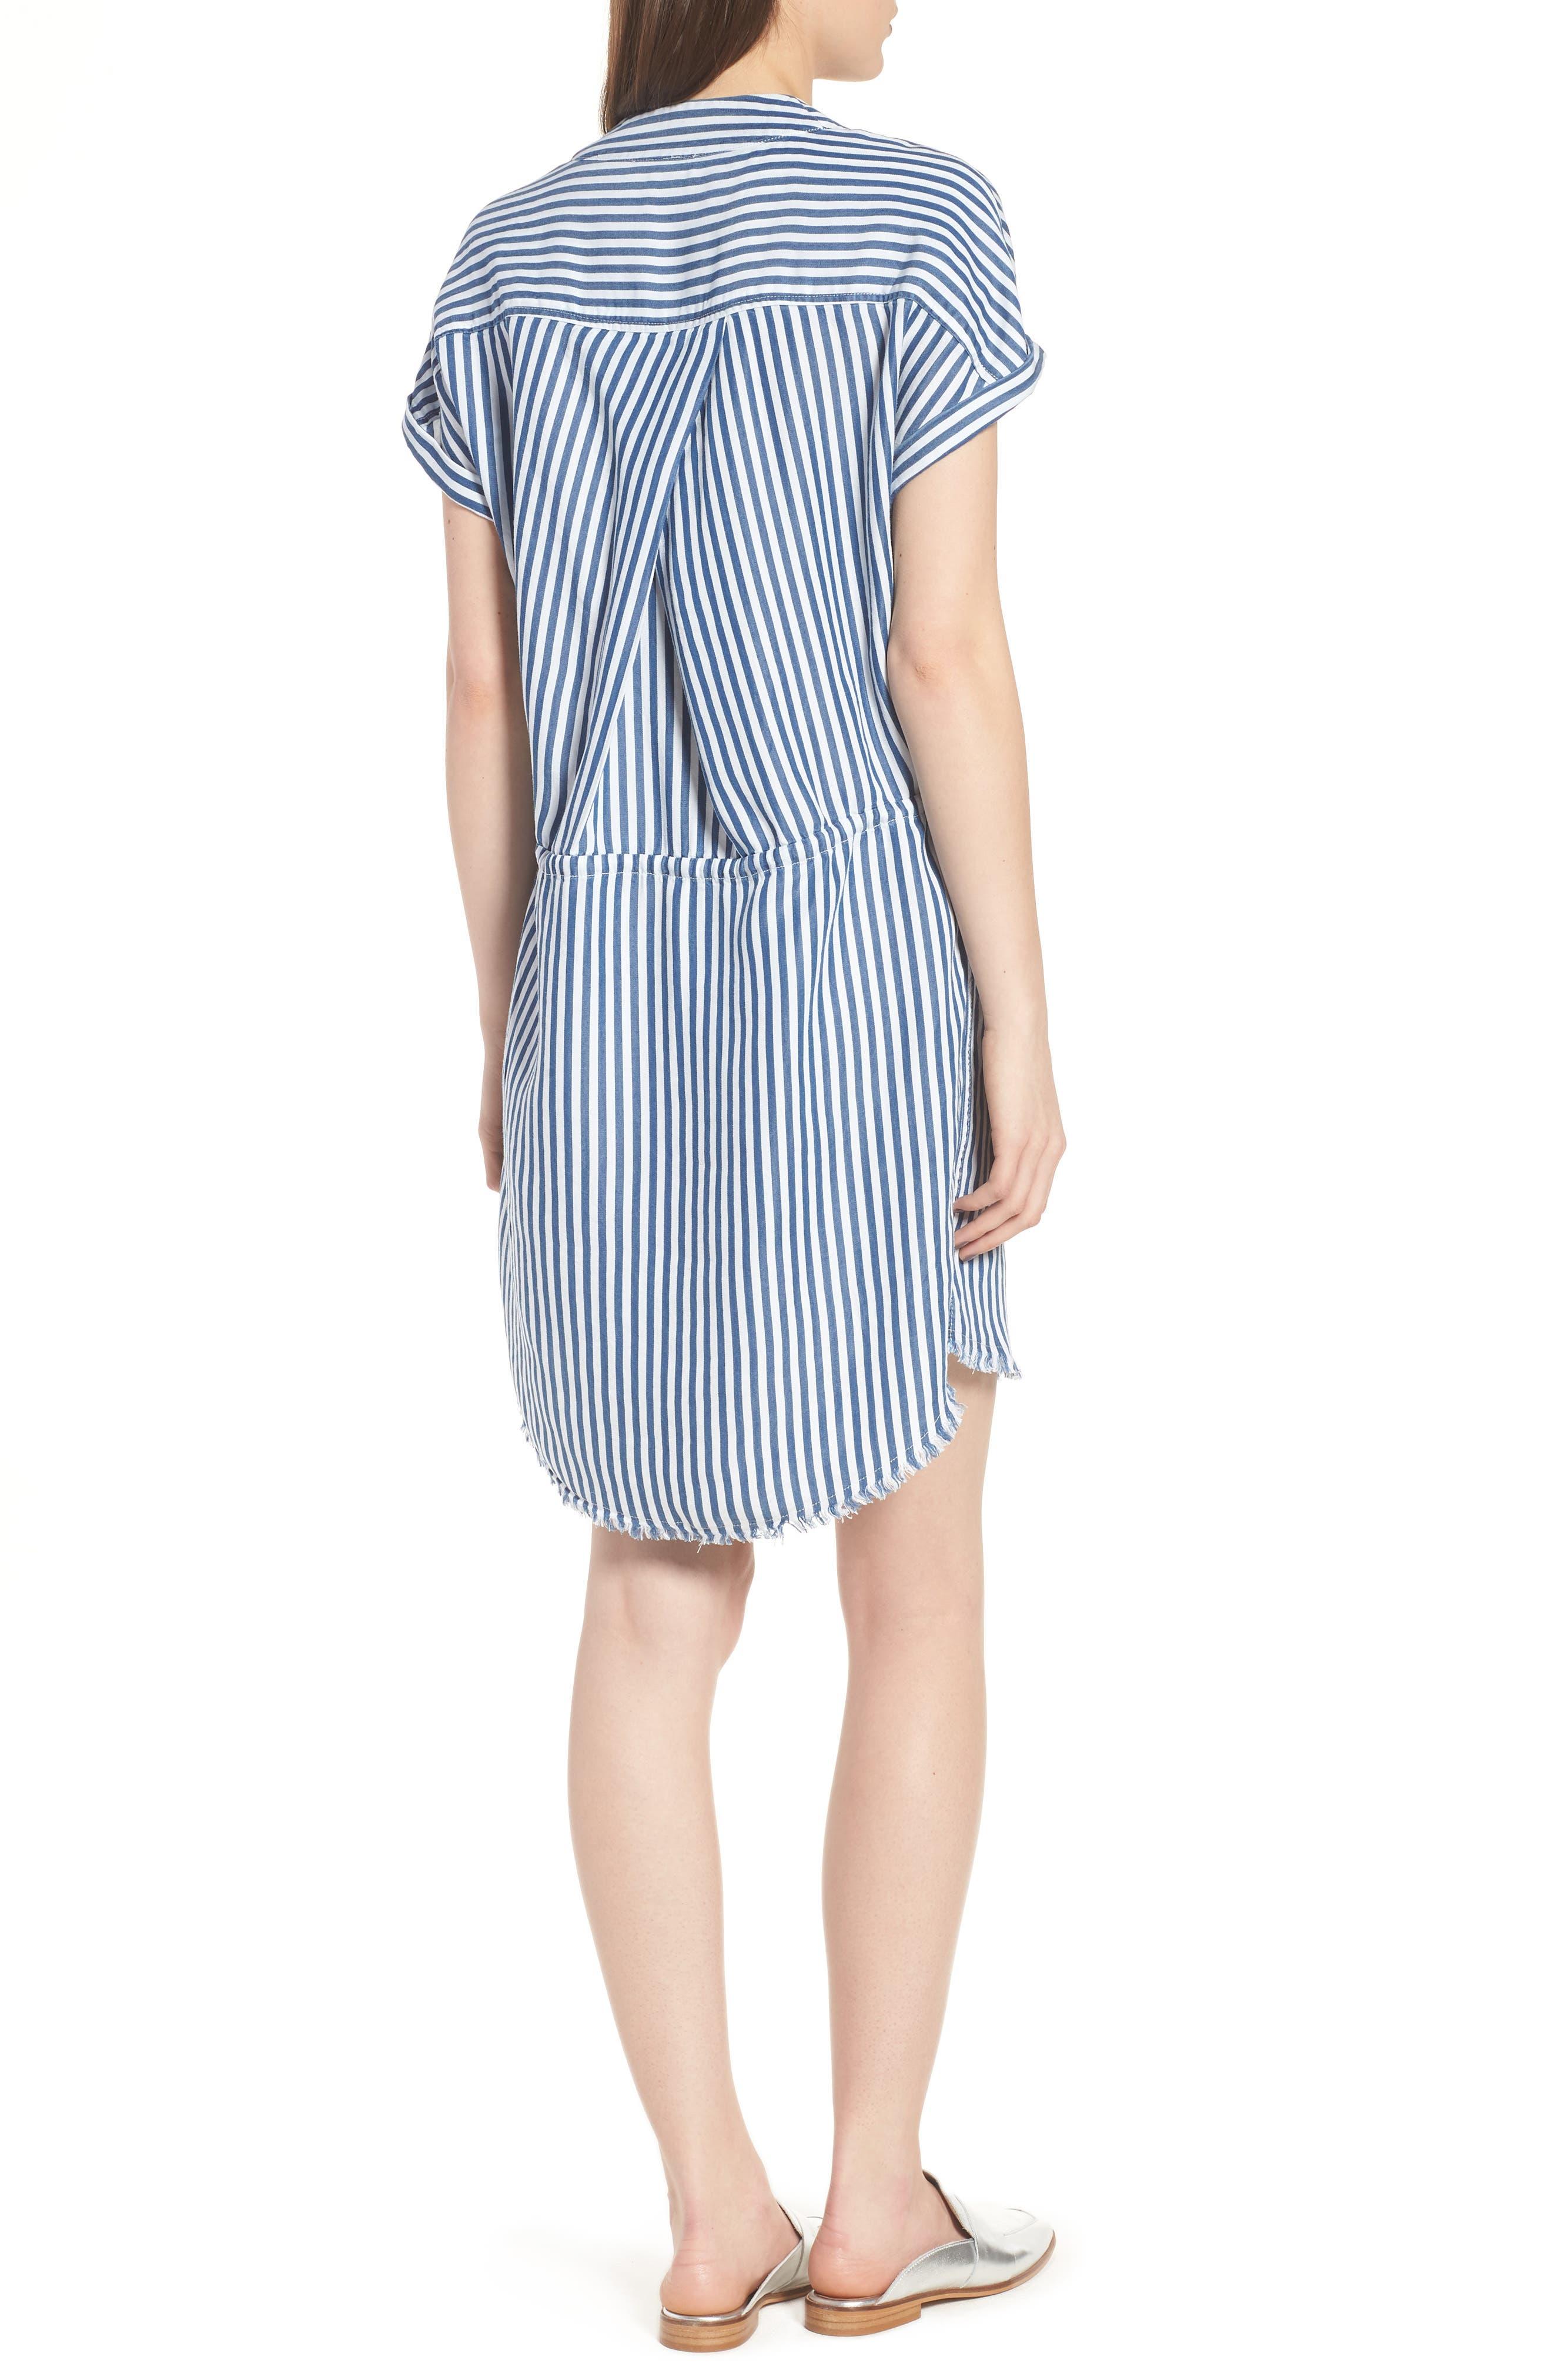 Haidee Stripe Shift Dress,                             Alternate thumbnail 2, color,                             WHITE/ BLUE BELL STRIPE